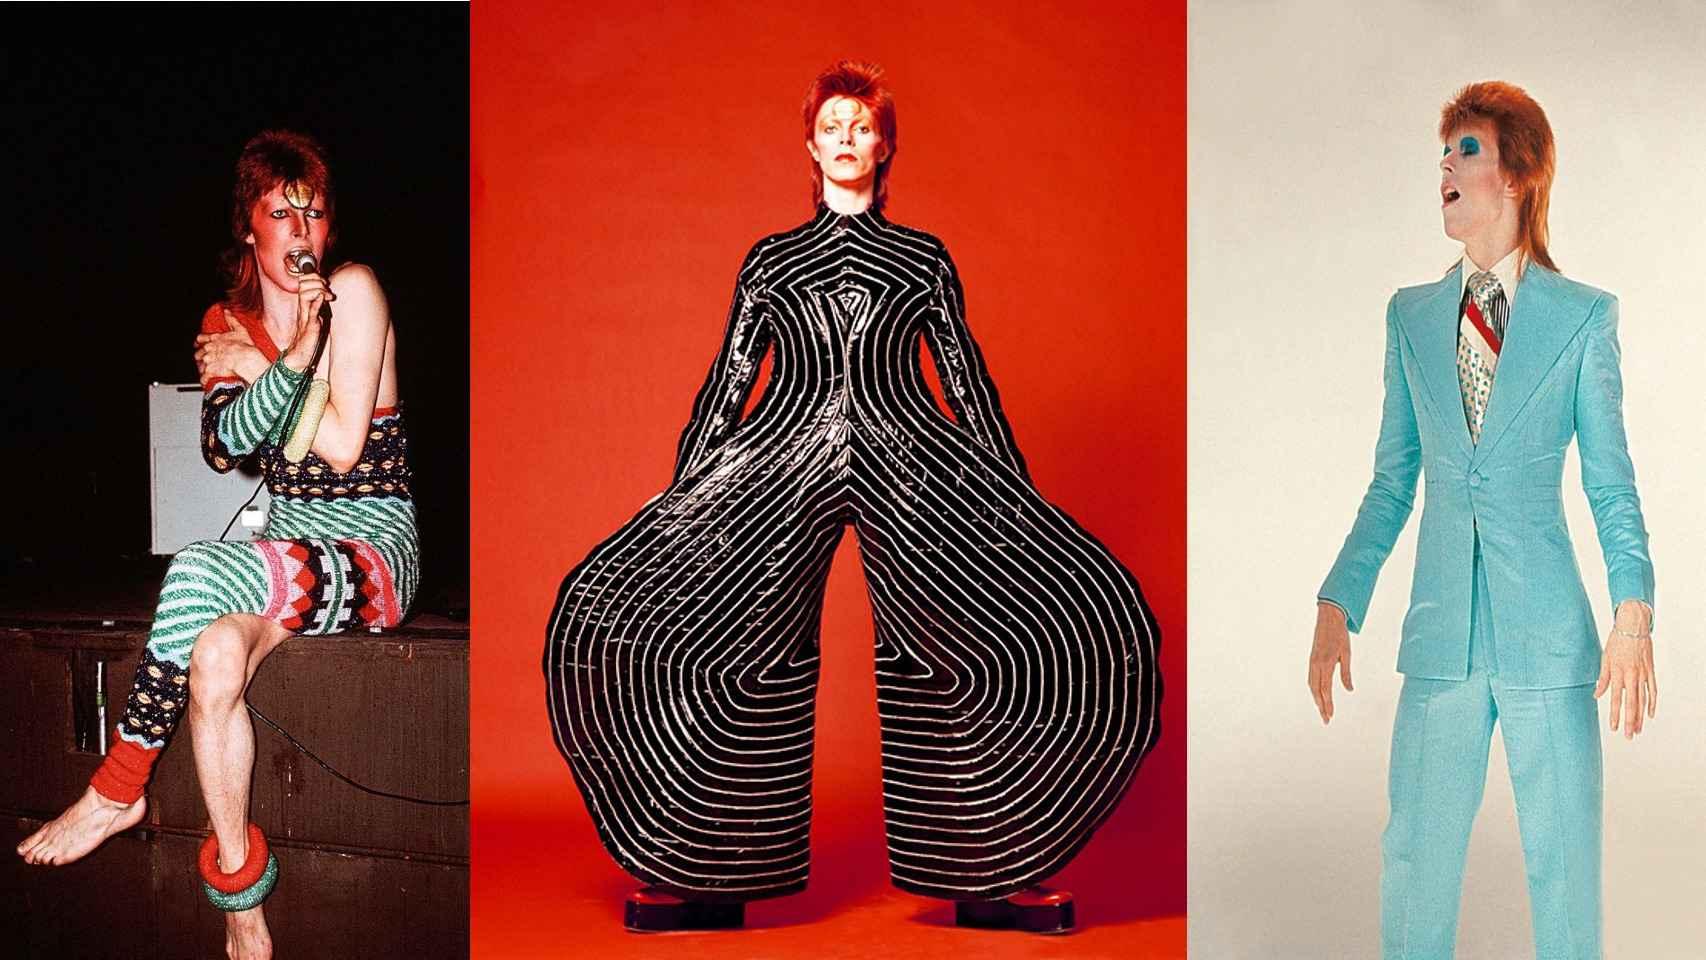 Algunos de los trajes que llevan las modelos en el momento del homenaje a David Bowie la gala CFDA.